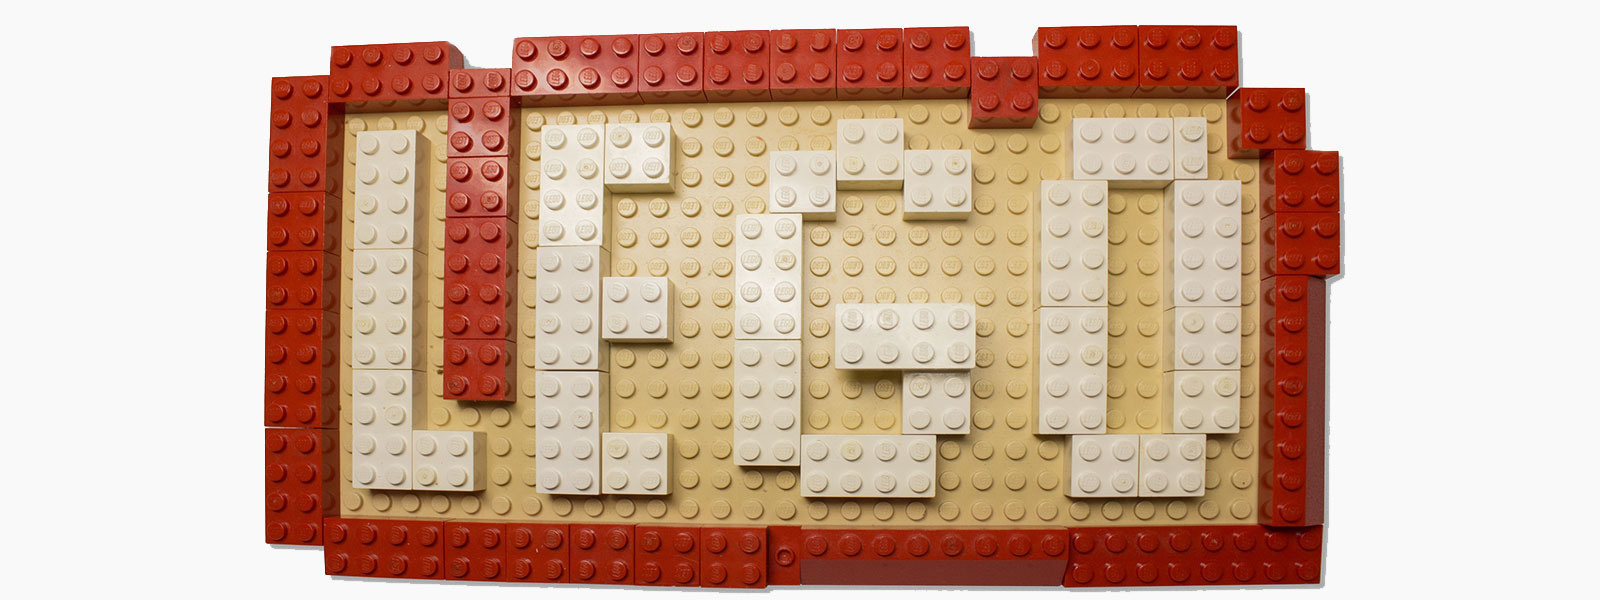 Lego Text